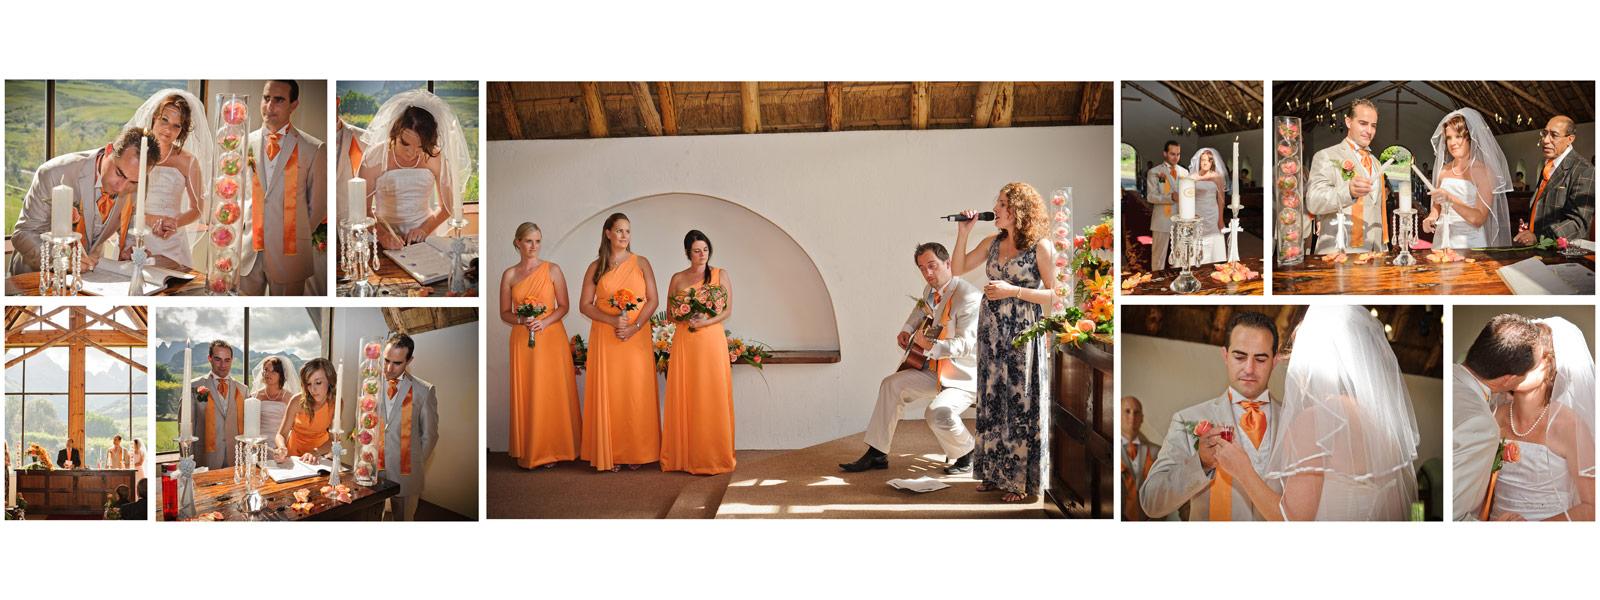 Nathalie Boucry Photography | Charlene and Craig Wedding Album 018